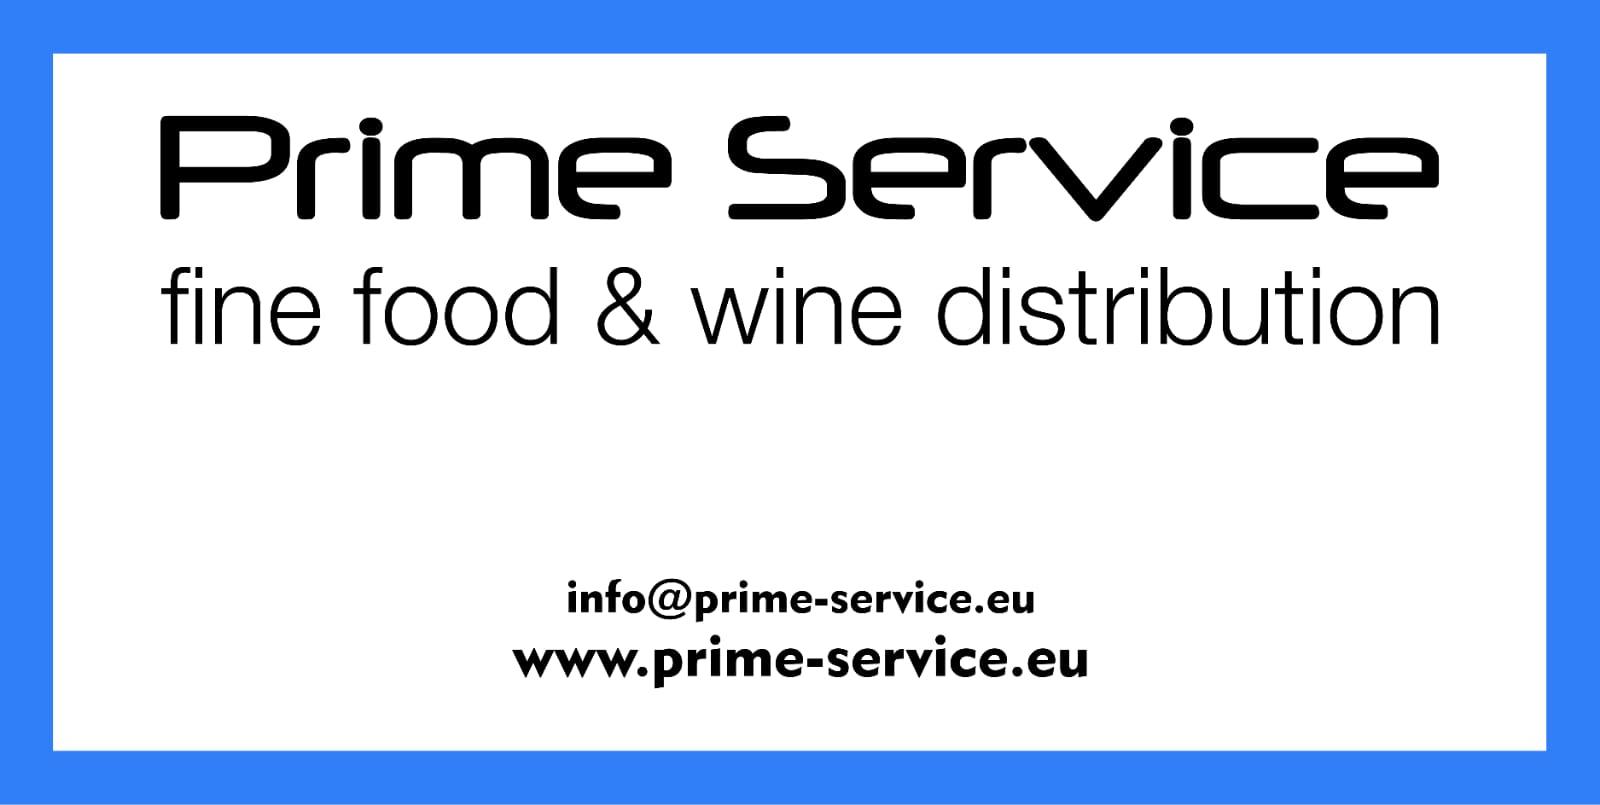 PRIME SERVICE